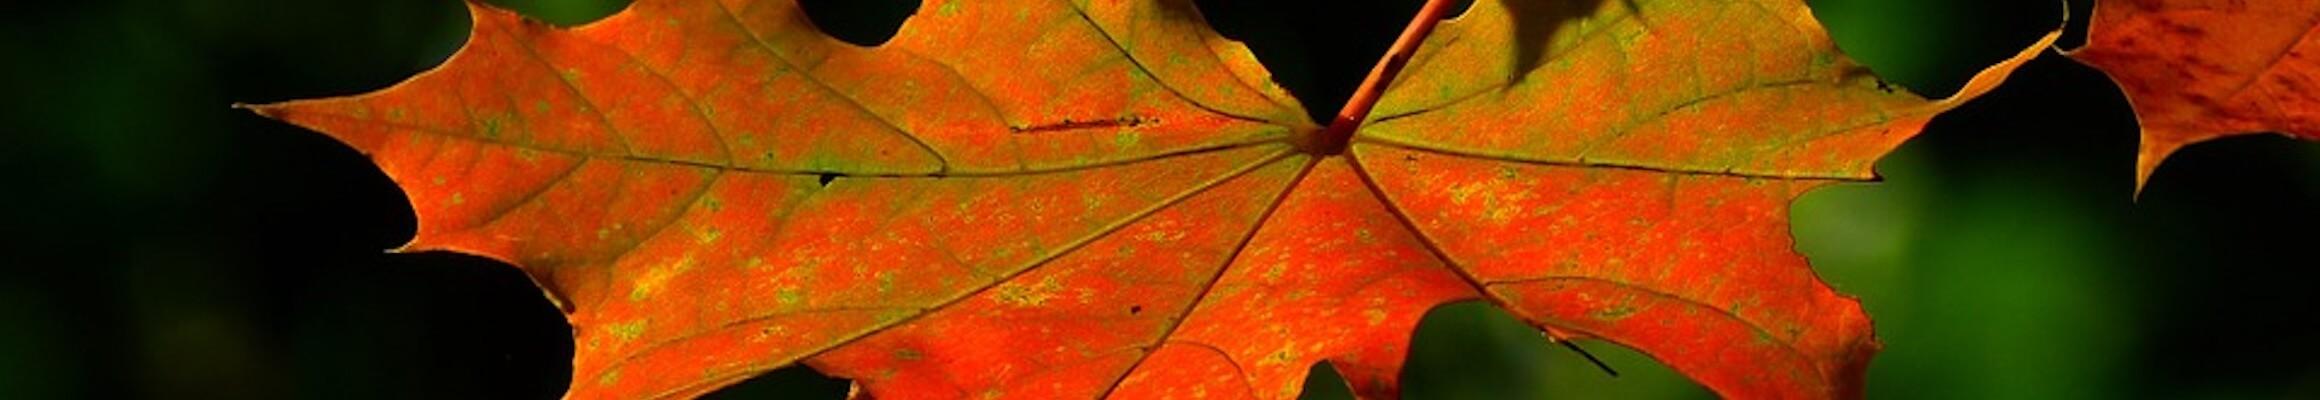 Autumn 196566 960 720